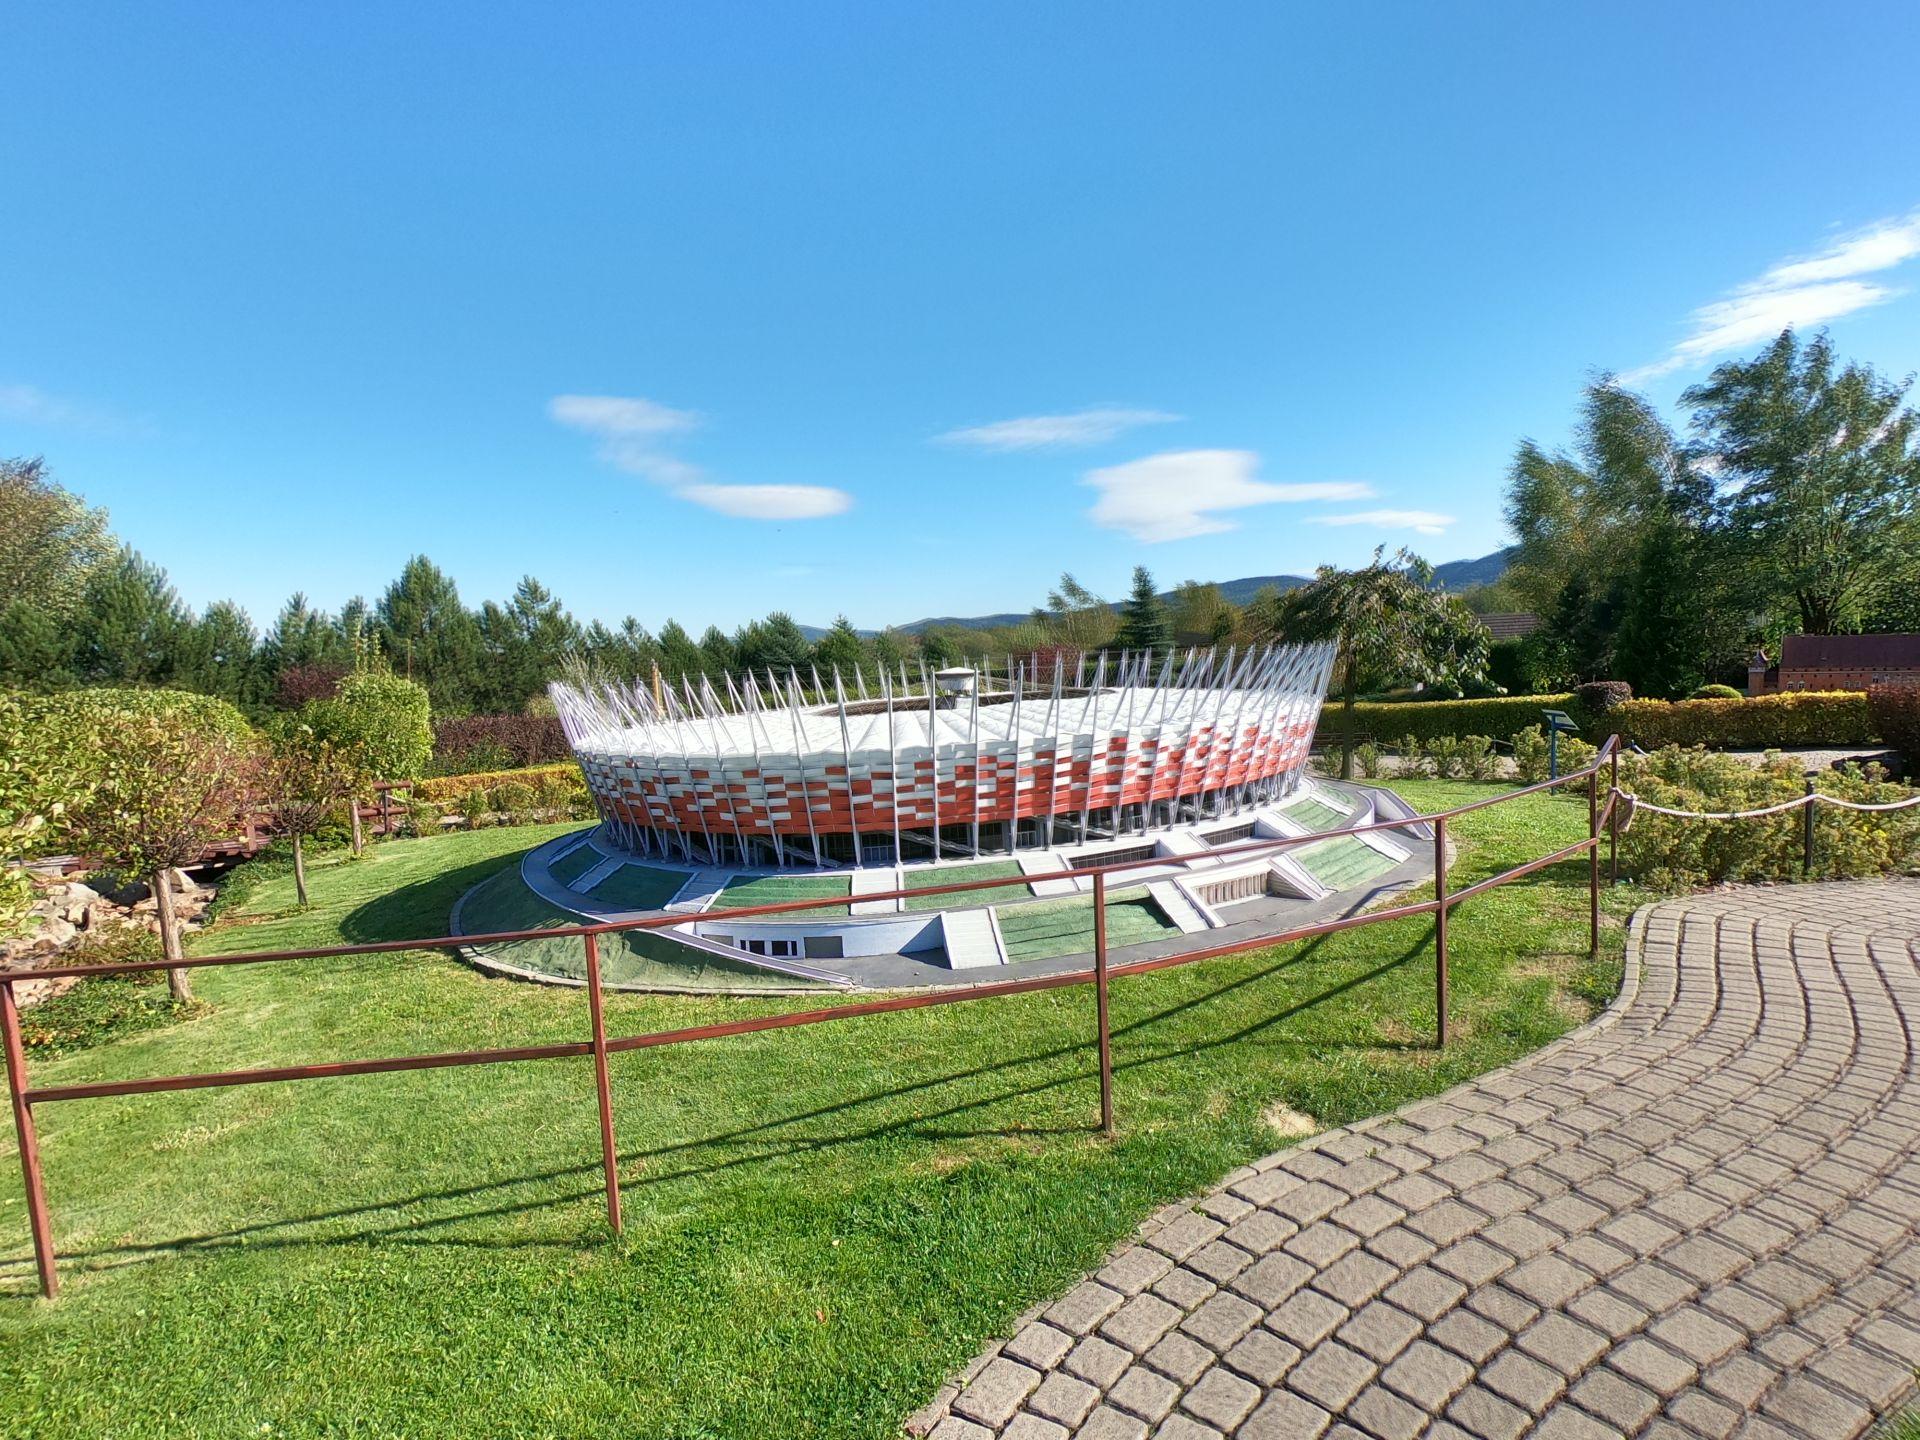 Warszawski Stadion Narodowy w Parku Miniatur w Inwałdzie podczas wycieczki szkolnej na 1 dzień